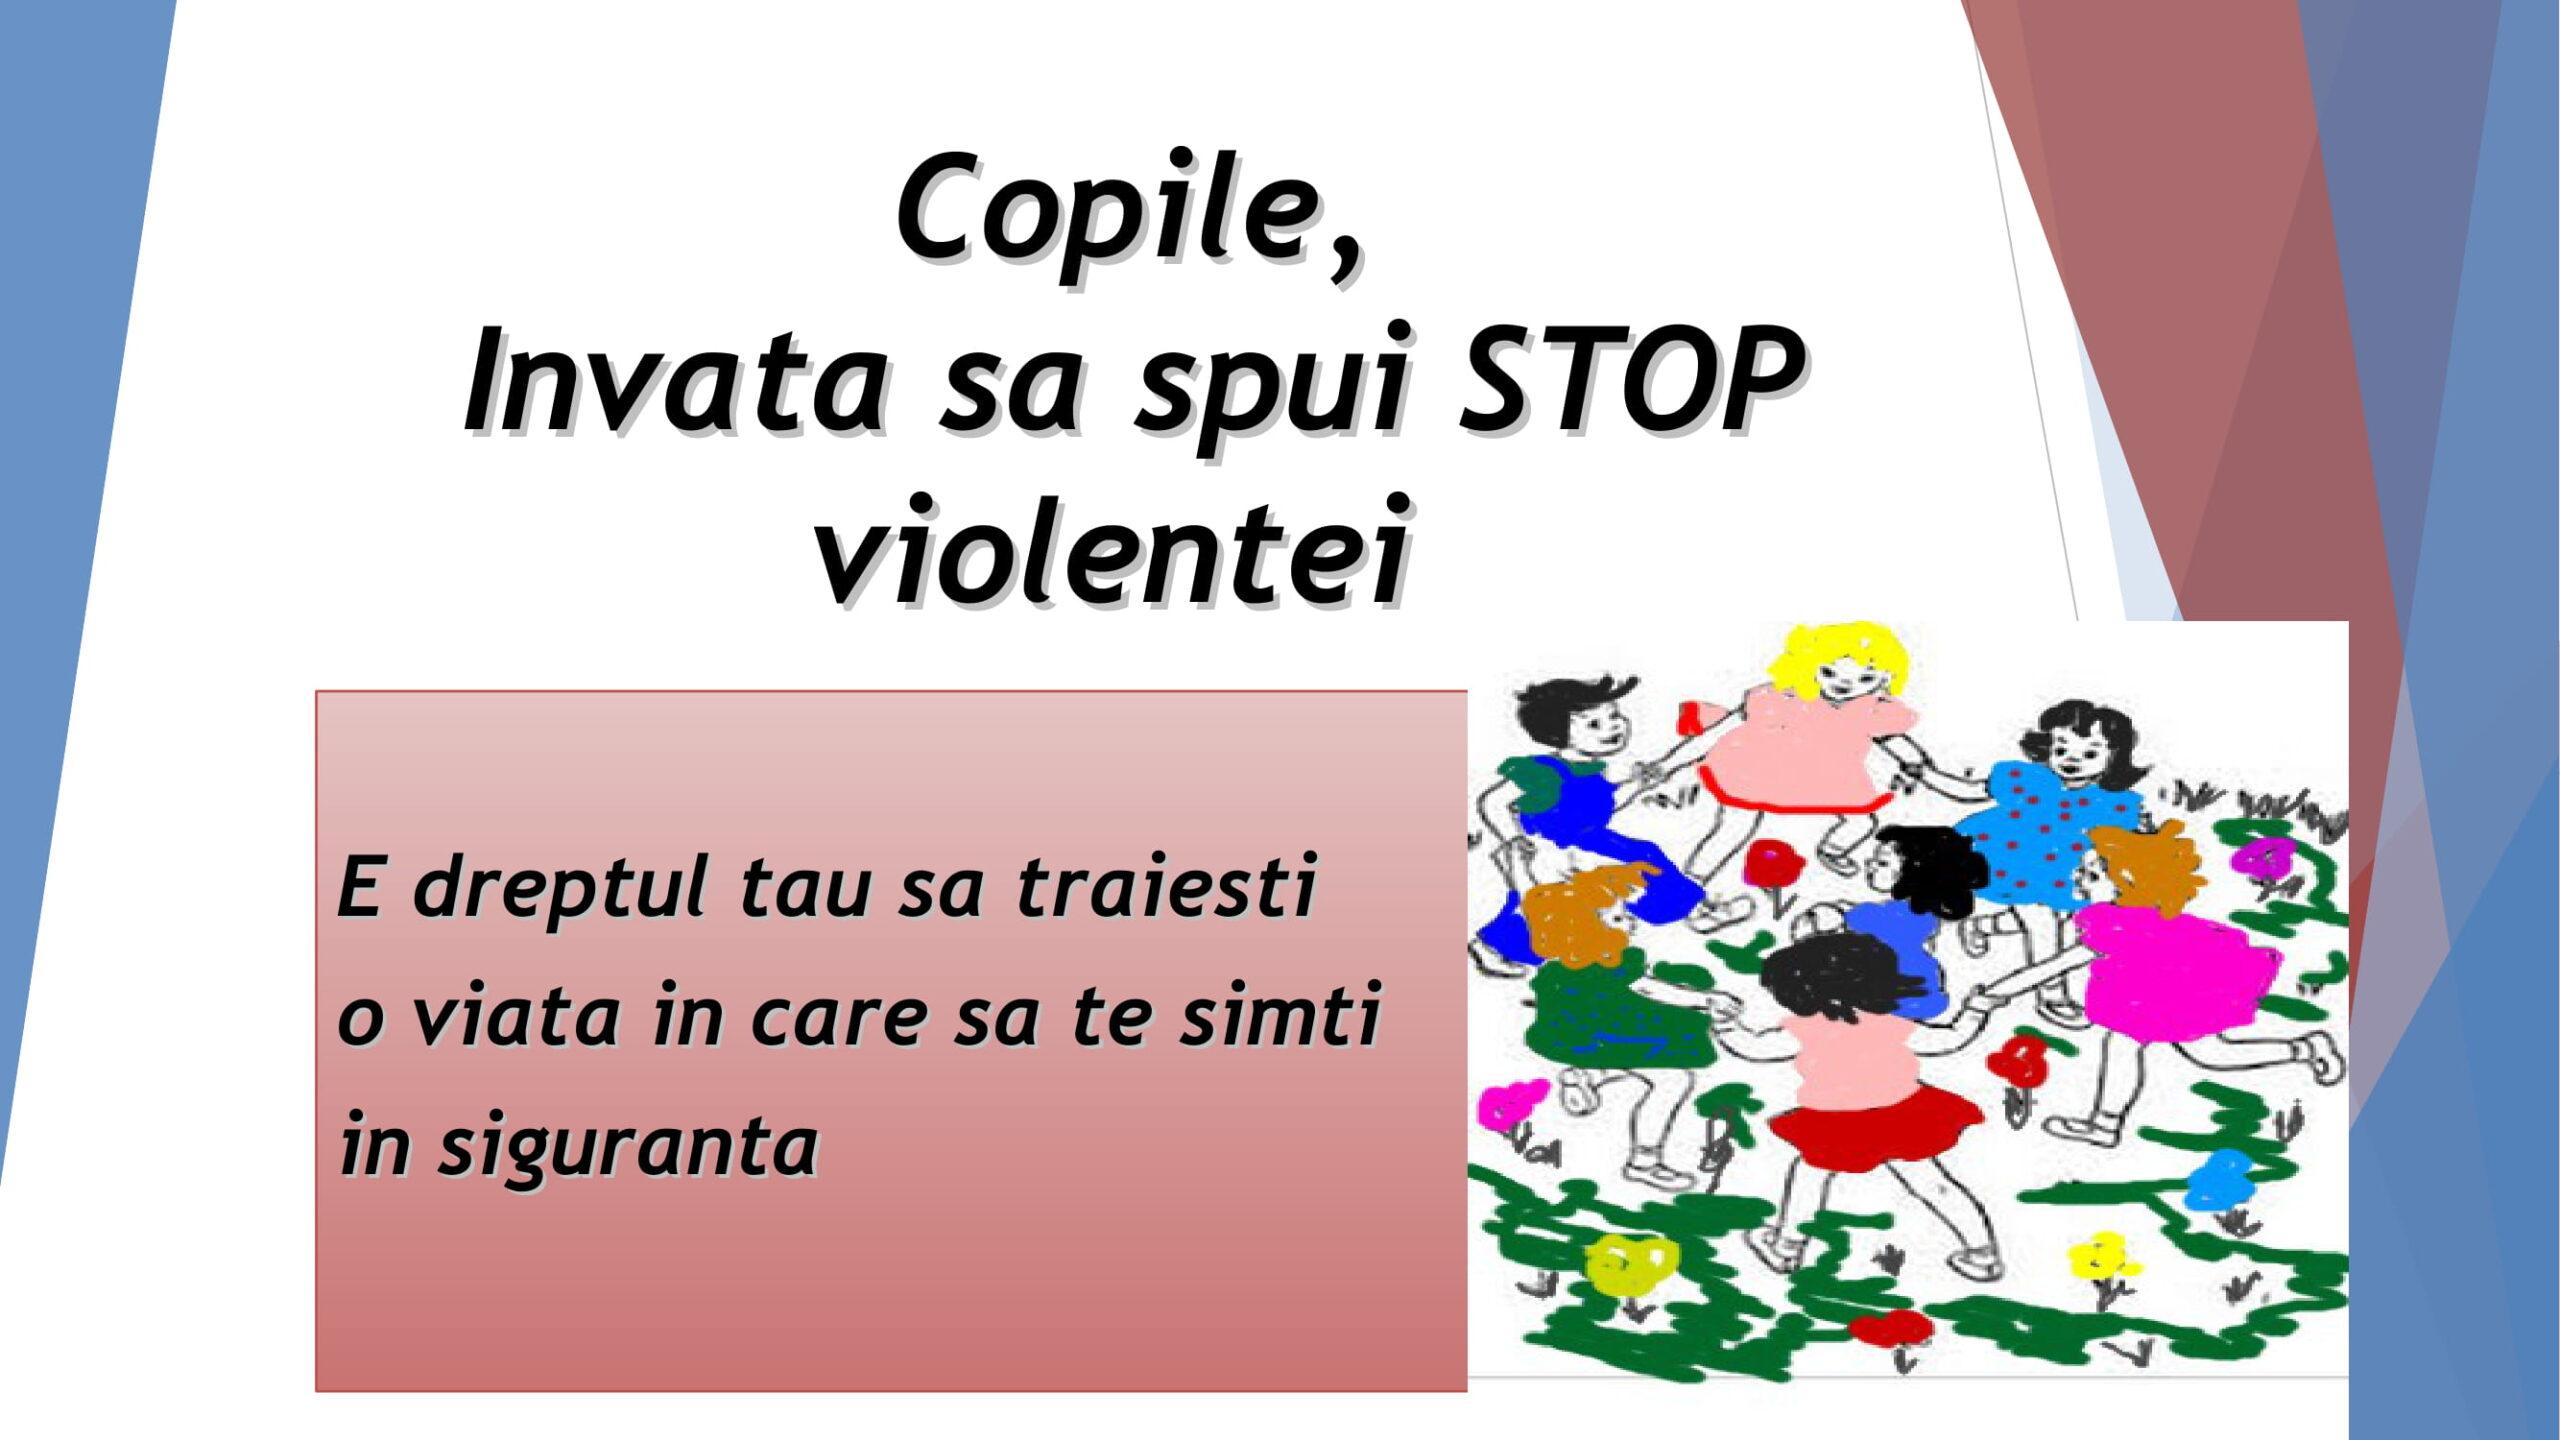 Învață să spui stop violenței